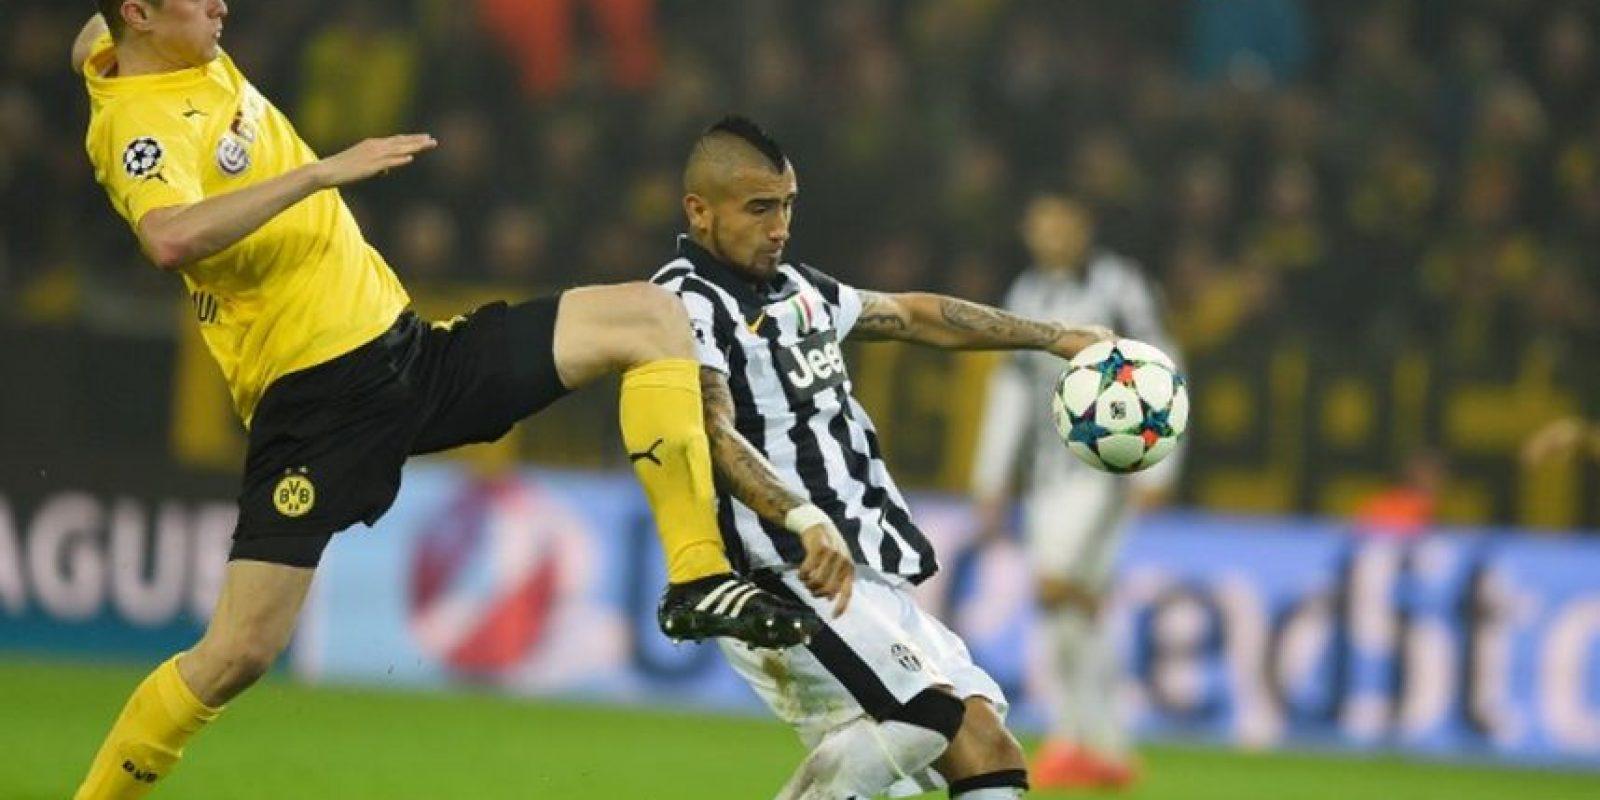 18 de marzo de 2015. En el duelo de vuelta, la Juve superó 3-0 a los alemanes